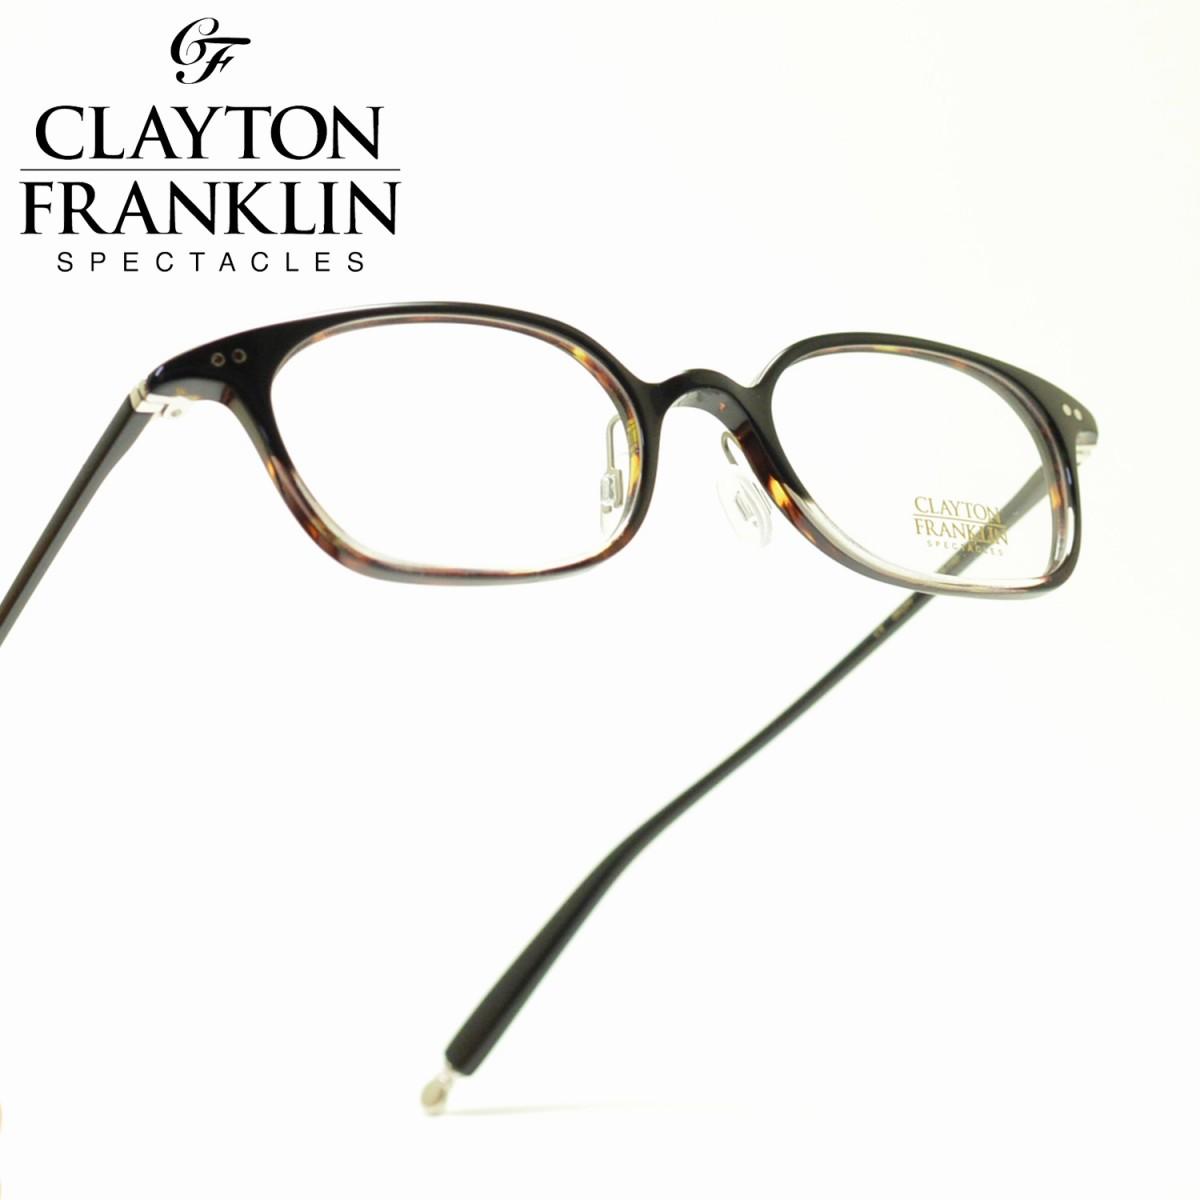 CLAYTON FRANKLIN クレイトンフランクリン722 BKDH ブラックデミハーフメガネ 眼鏡 めがね メンズ レディース おしゃれ ブランド 人気 おすすめ フレーム 流行り 度付き レンズ